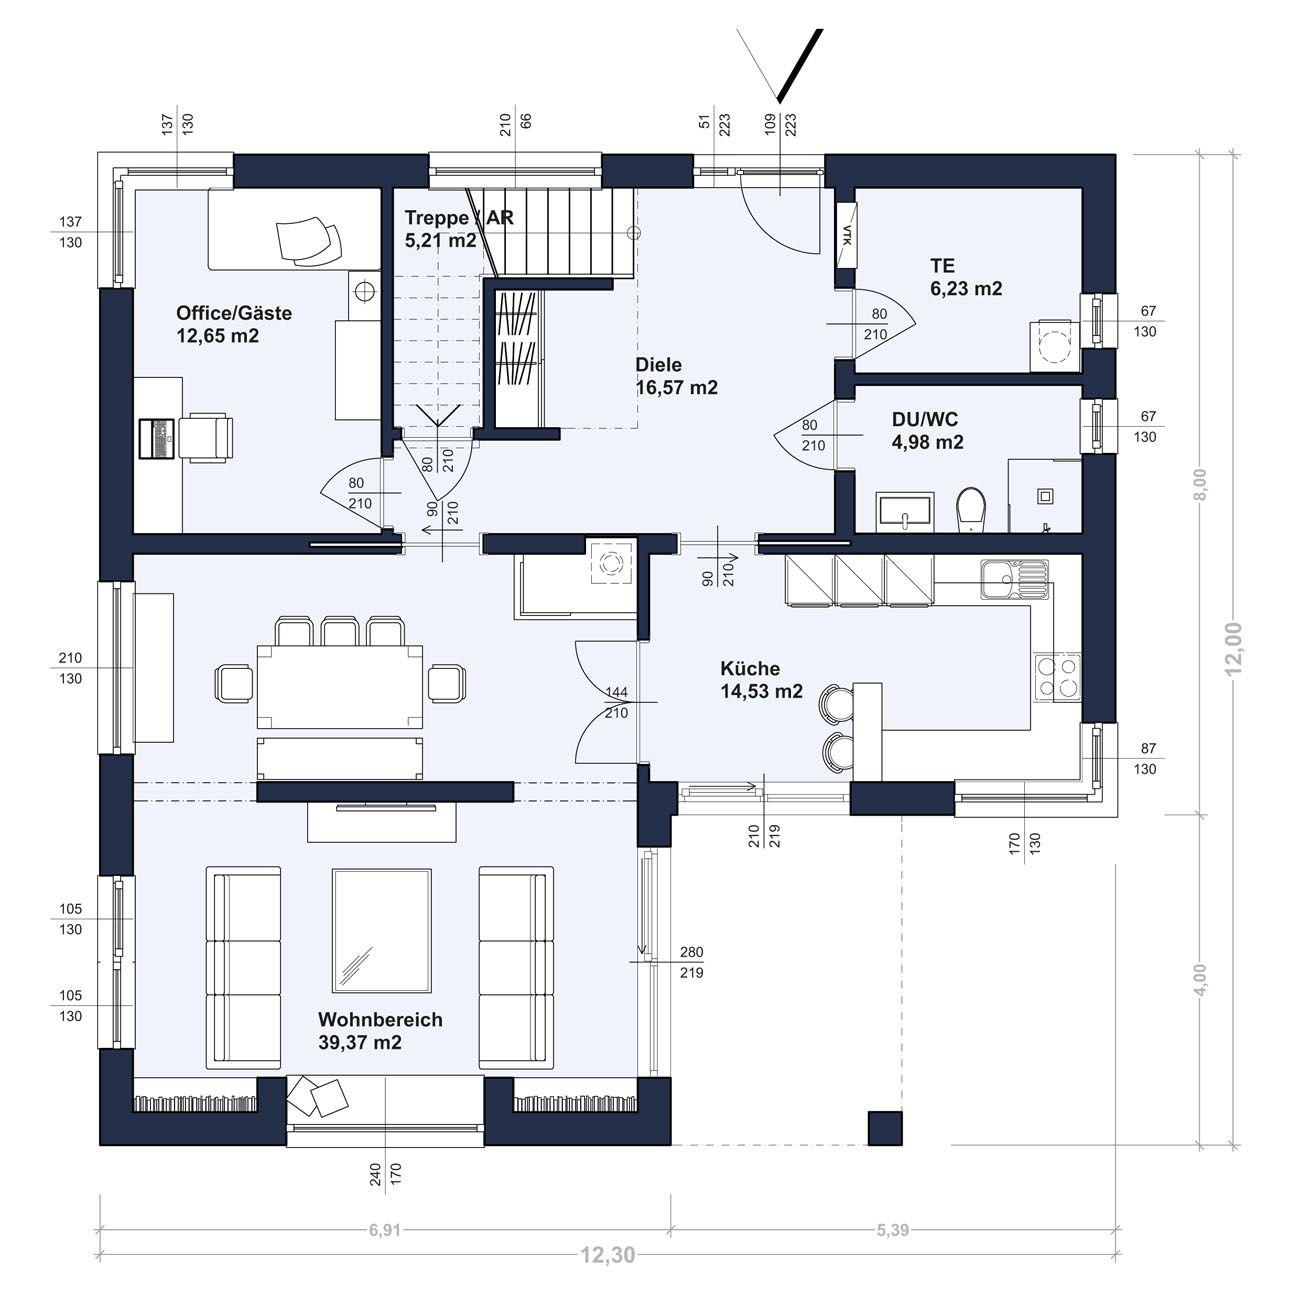 ZENKER Haus Konzept 174. Viel Fläche Zum Wohnen, Leben Und Wohlfühlen.  Modernes Design